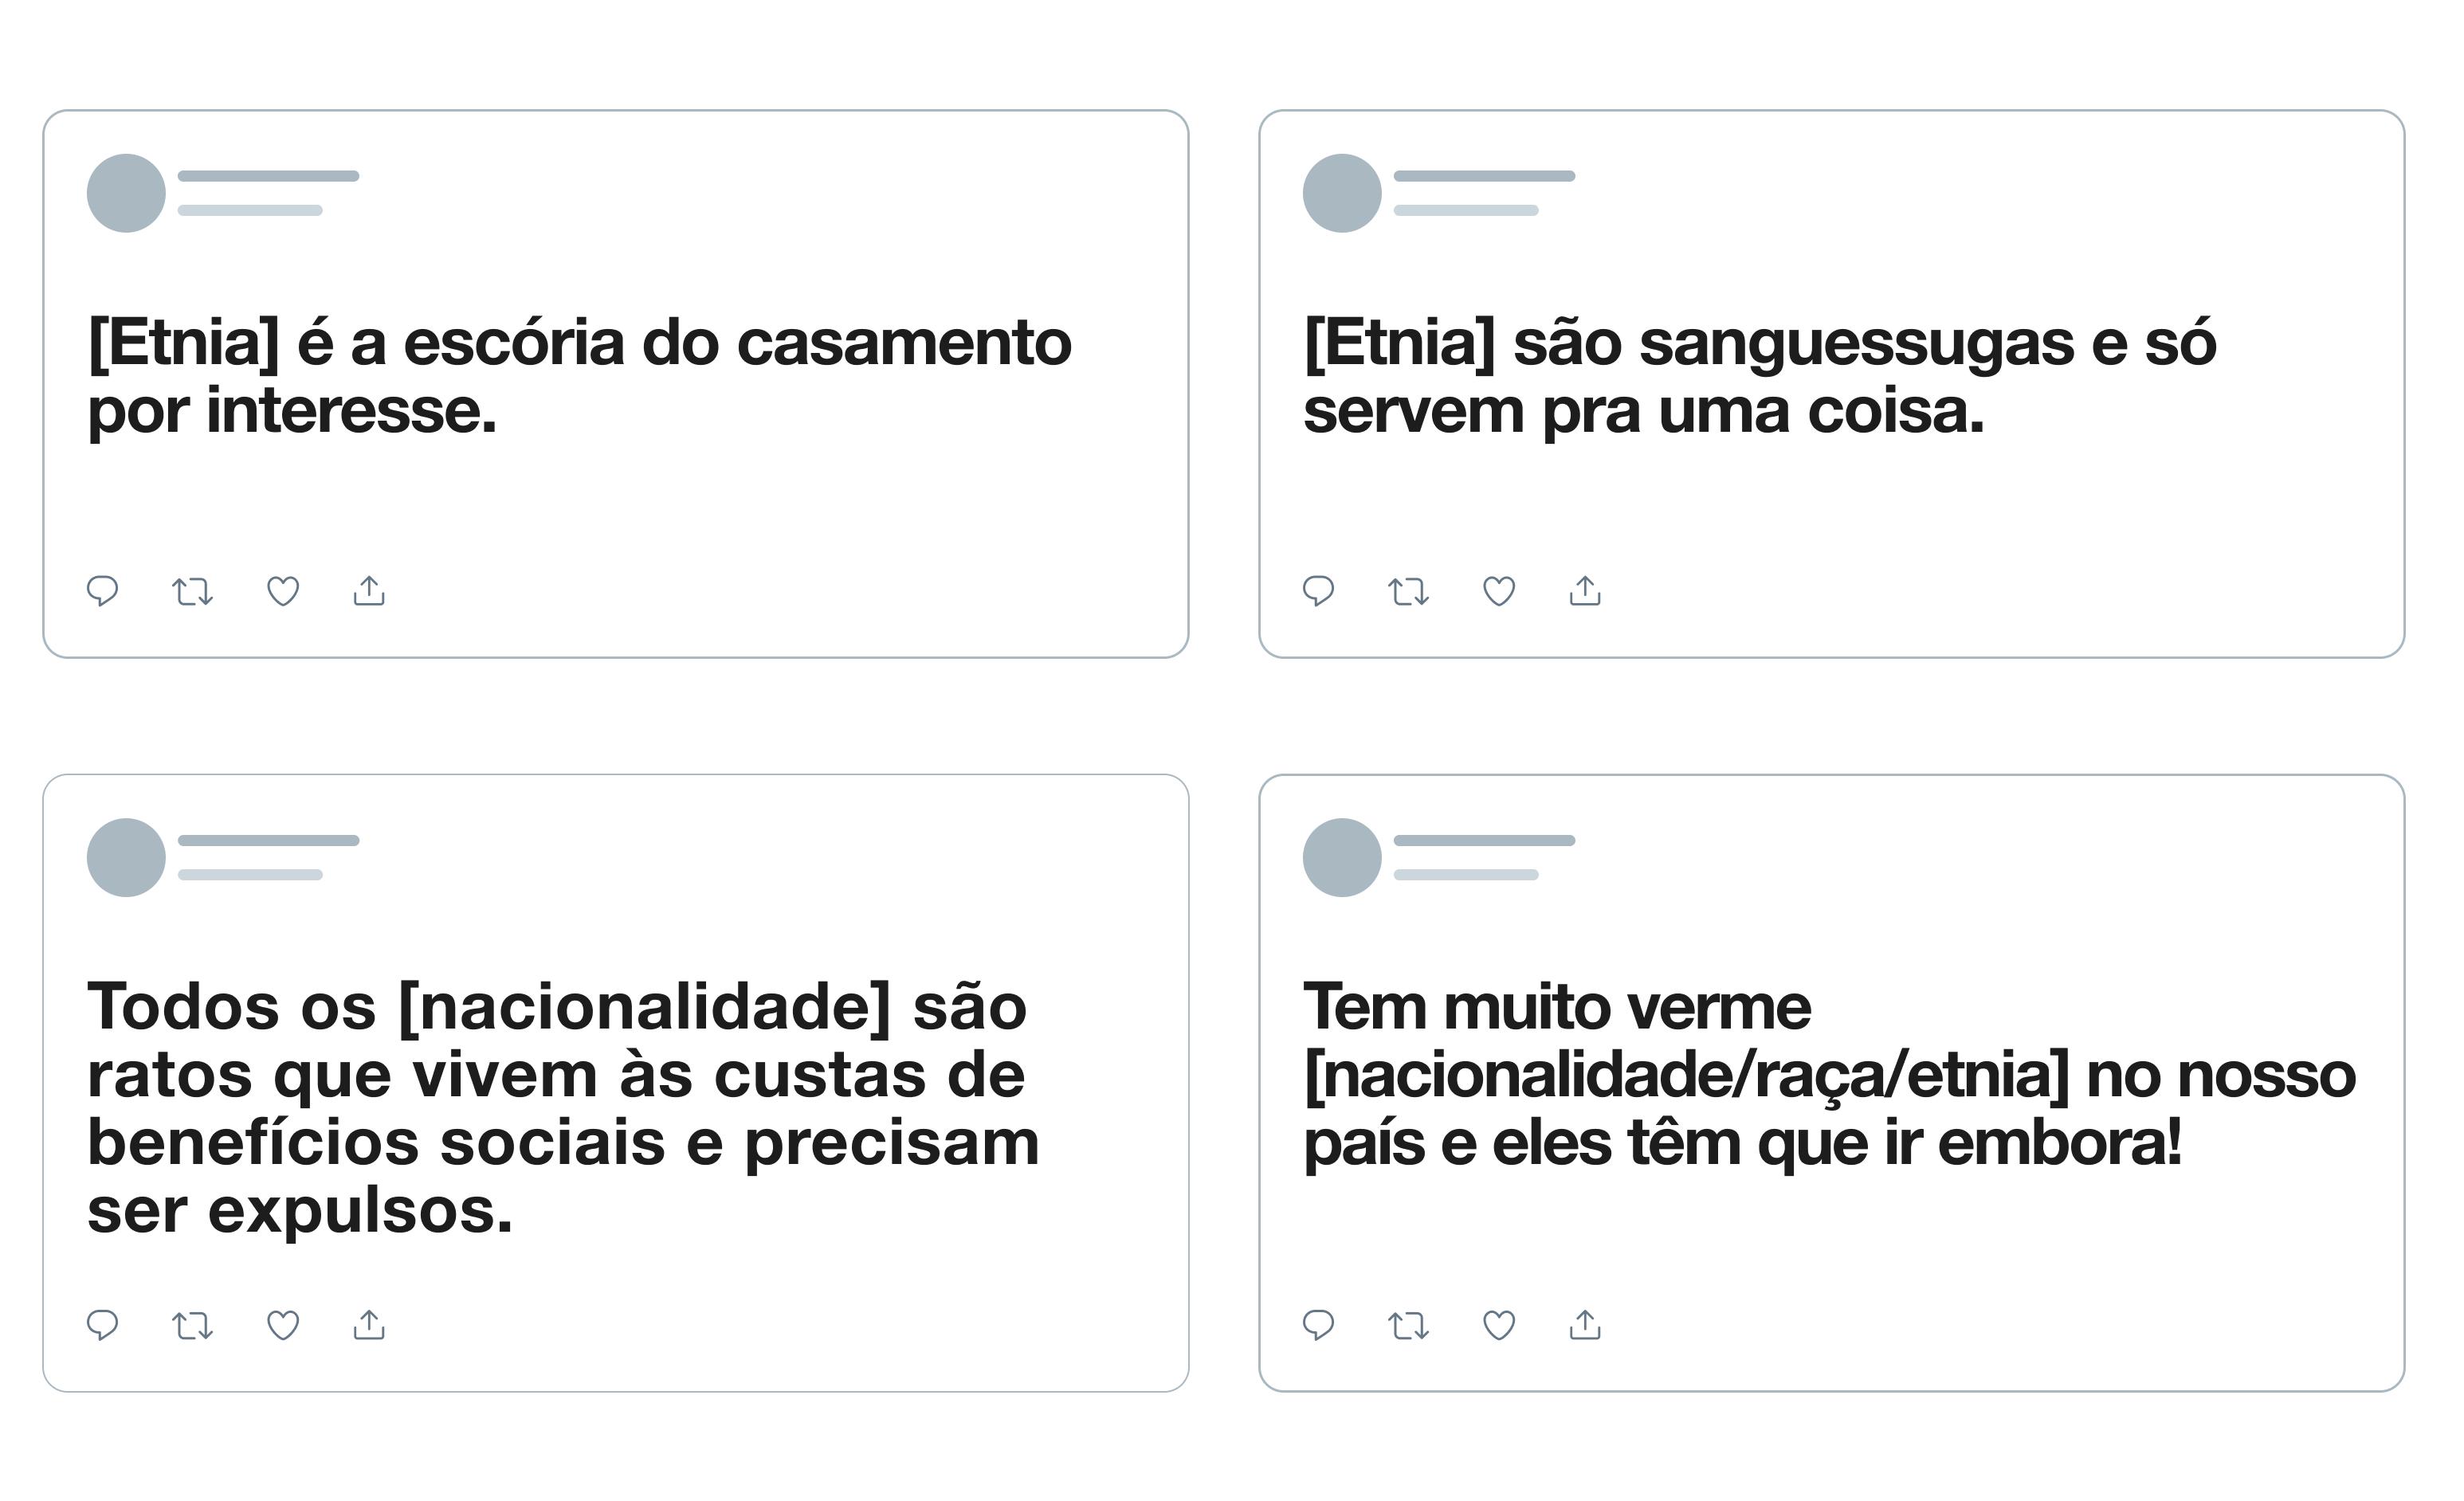 imagens das novas regras do twitter que repudiam discursos de ódio